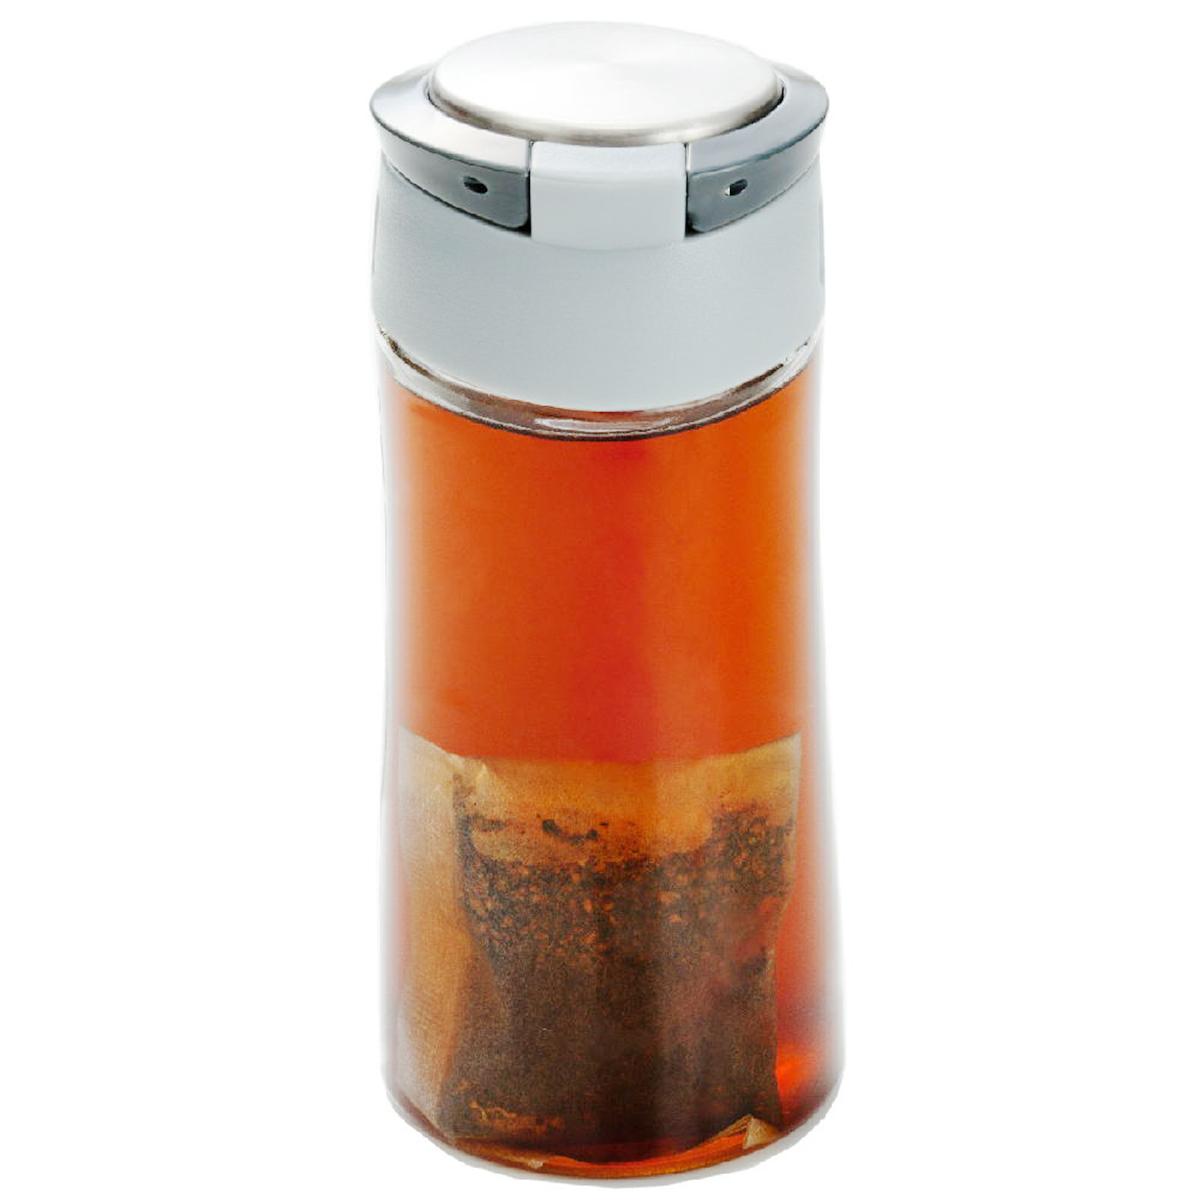 携帯ボトル用 ごぼう茶 8P 4箱セット 〔(2g×8)×4〕 国産 お茶 ティーバッグ 佐賀 三栄興産